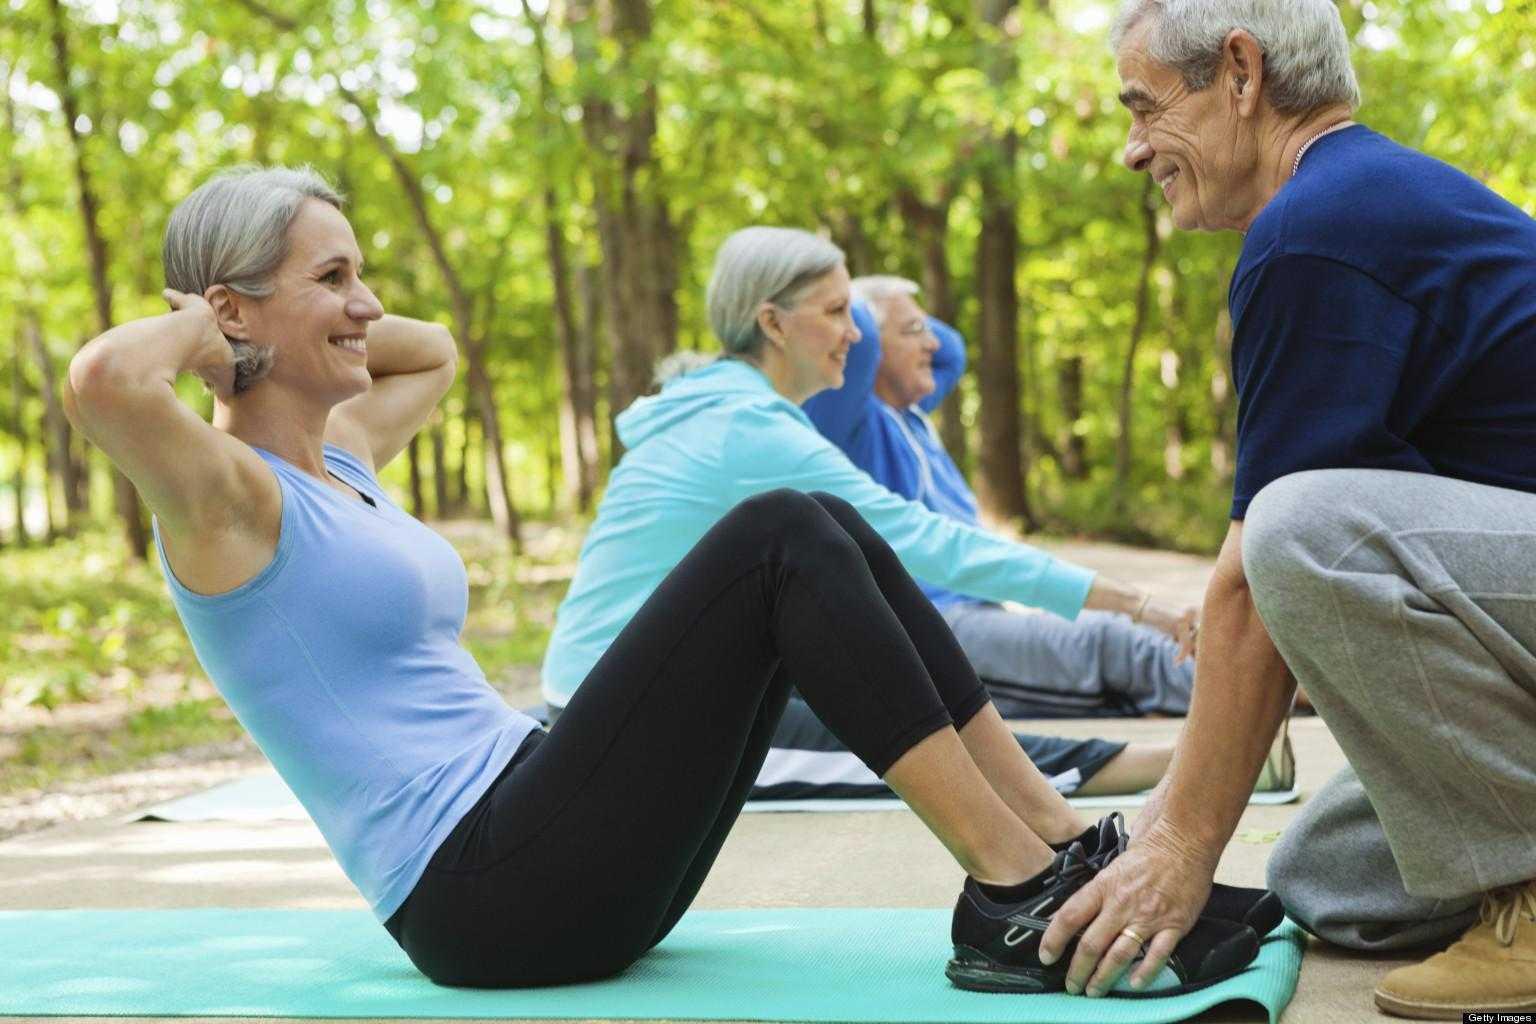 Как поддерживать хорошую физическую форму и быть в отличном физическом состоянии Простые советы о том, как сохранять спортивную фигуру надолго